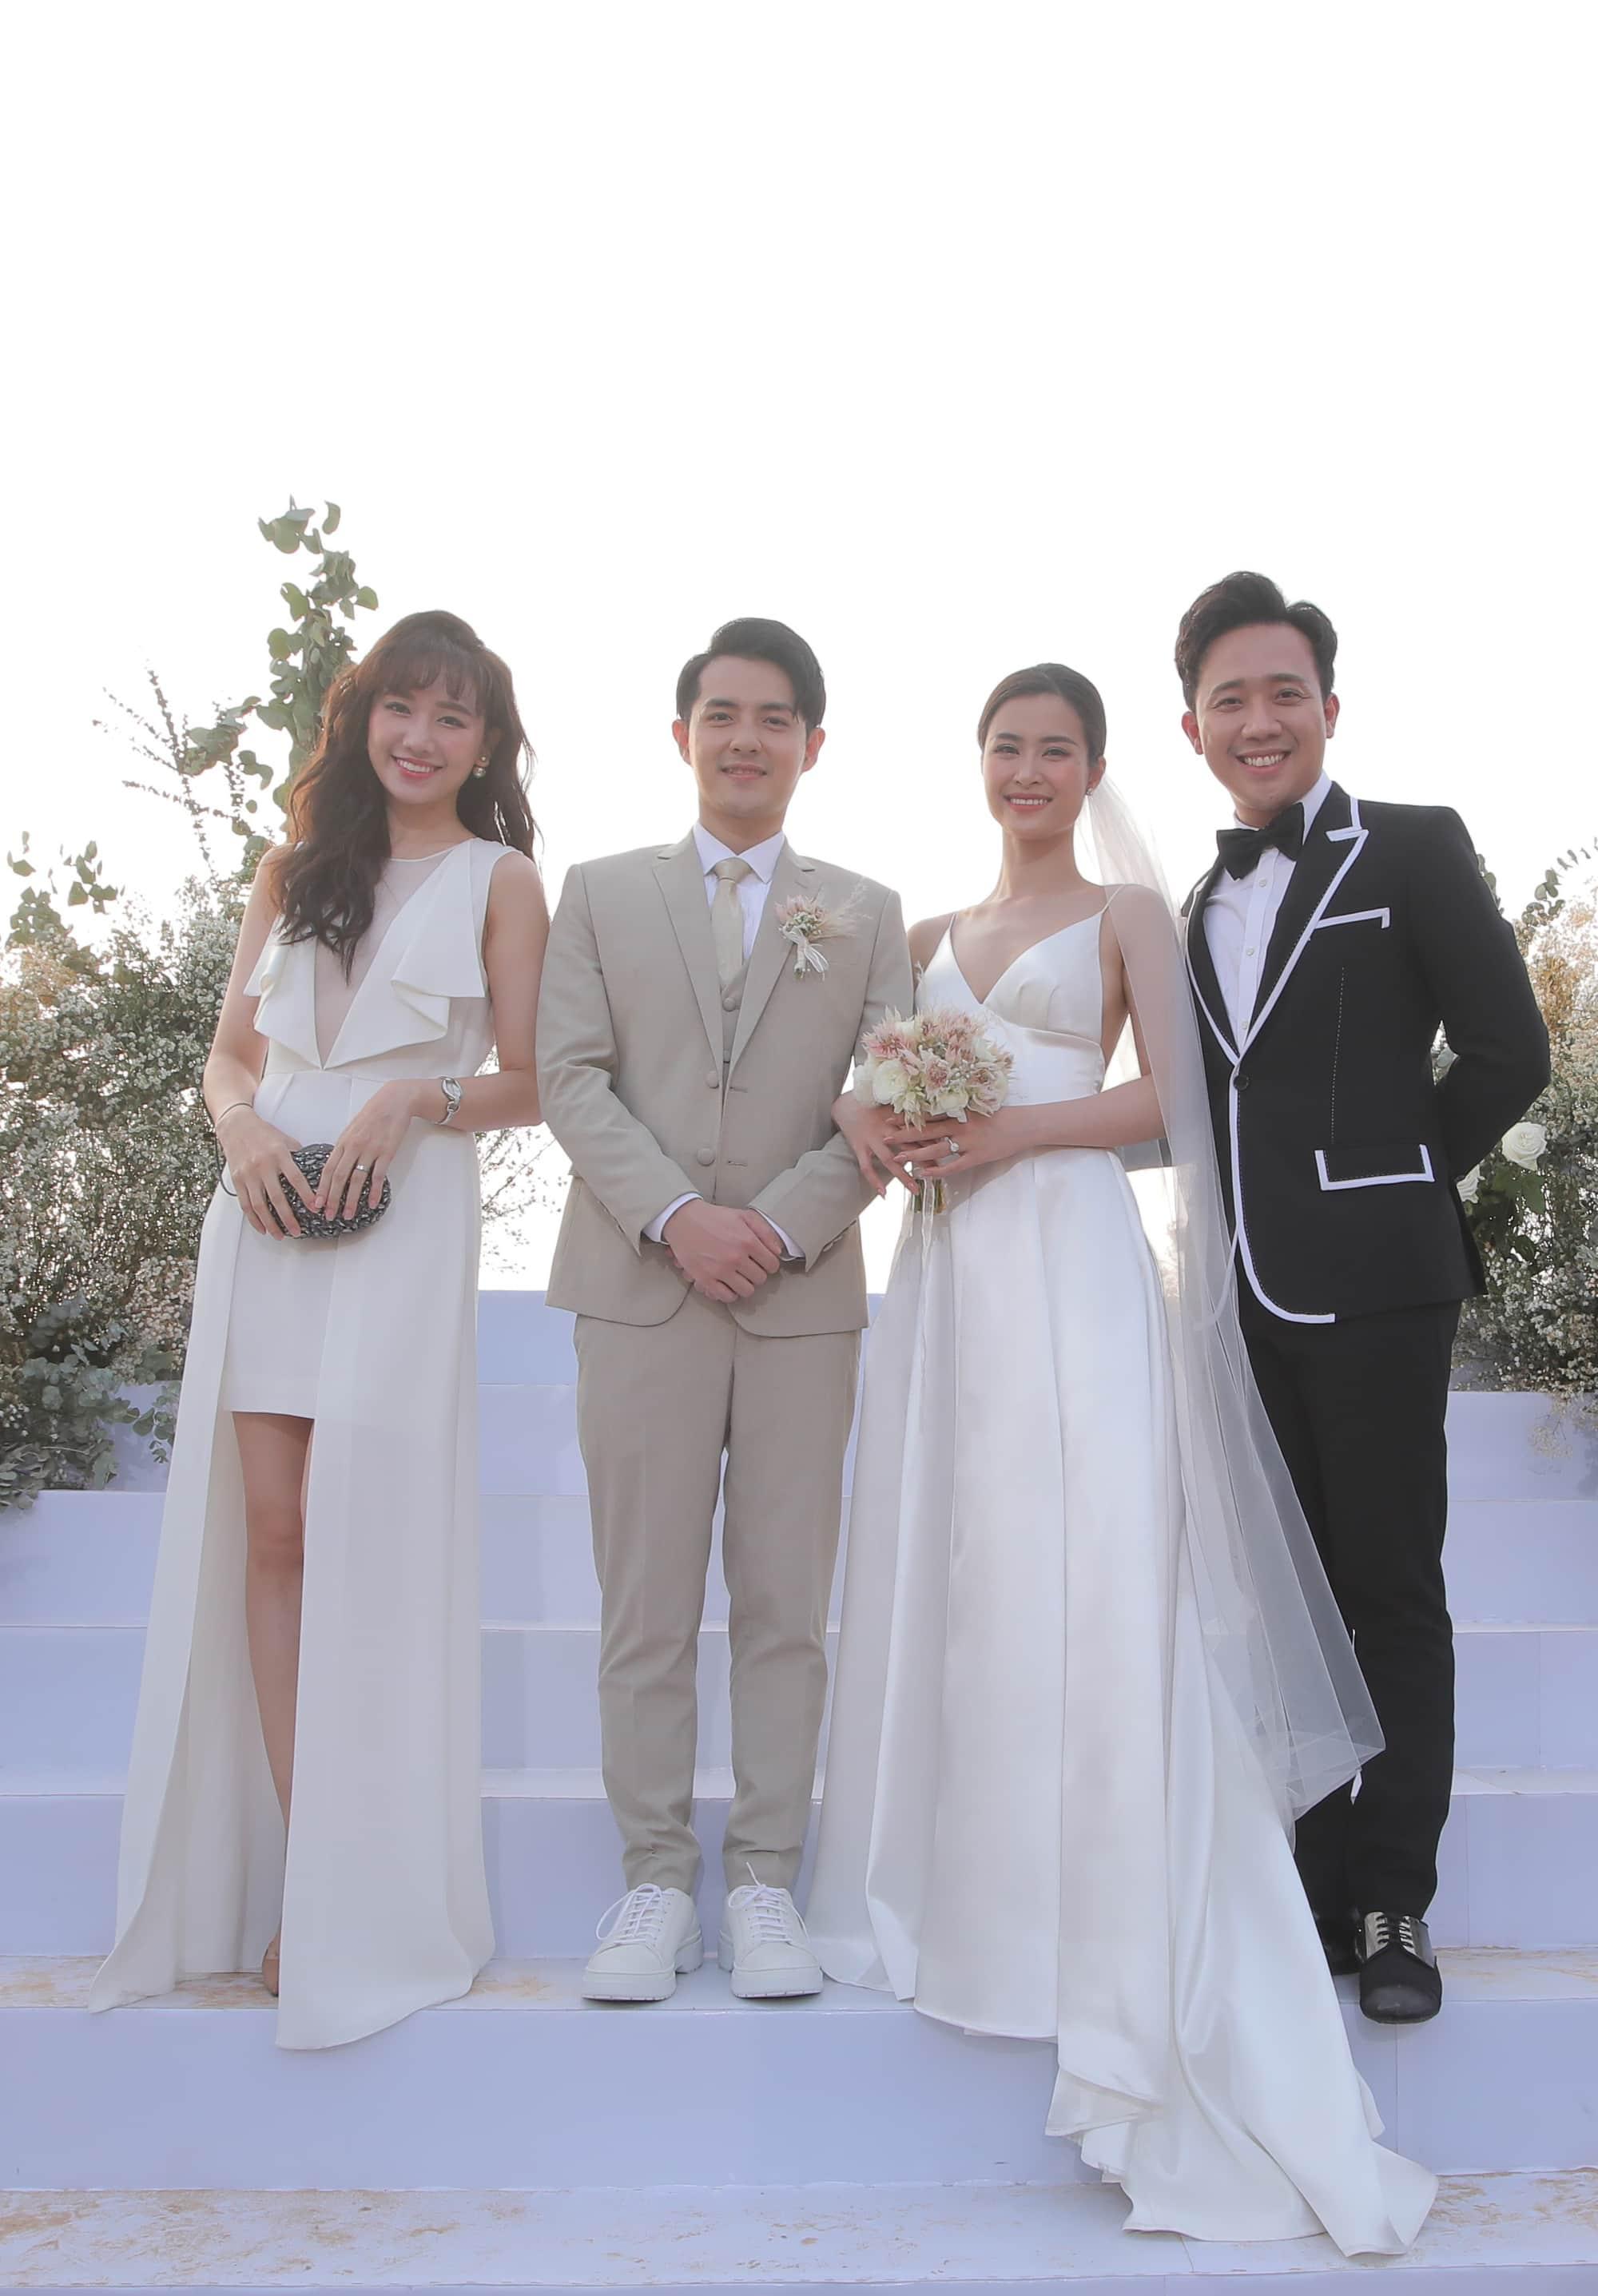 Lộng lẫy dự đám cưới Đông Nhi, Minh Hằng và bà xã Đăng Khôi đụng hàng 1 chiếc túi - Hình 1